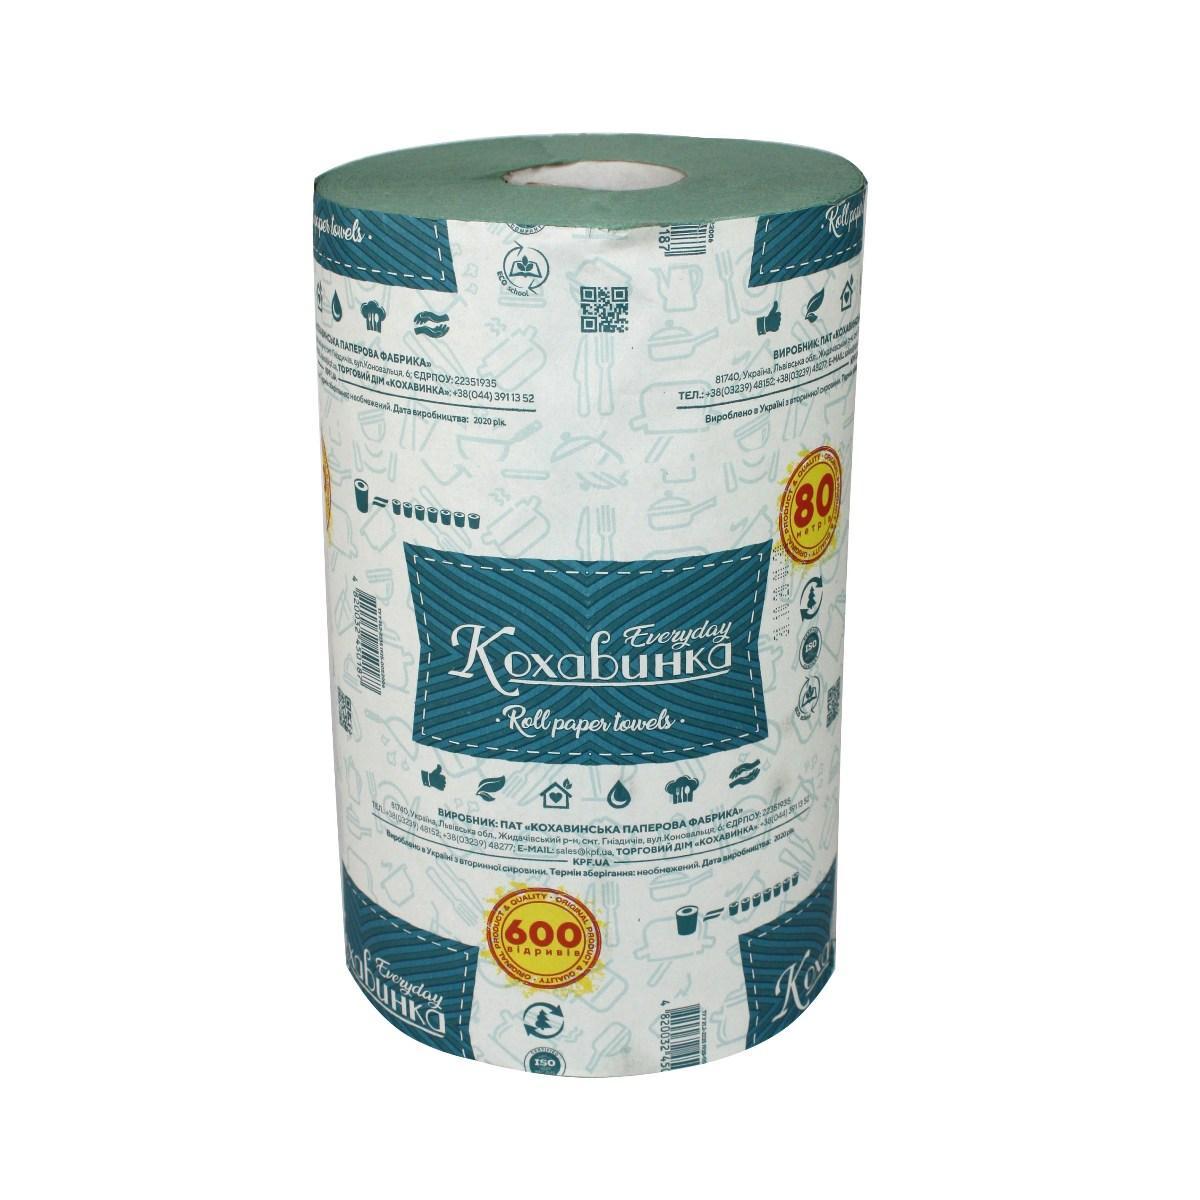 Бумажные полотенца на втулке отрывные 134х215мм, 600 отрывов